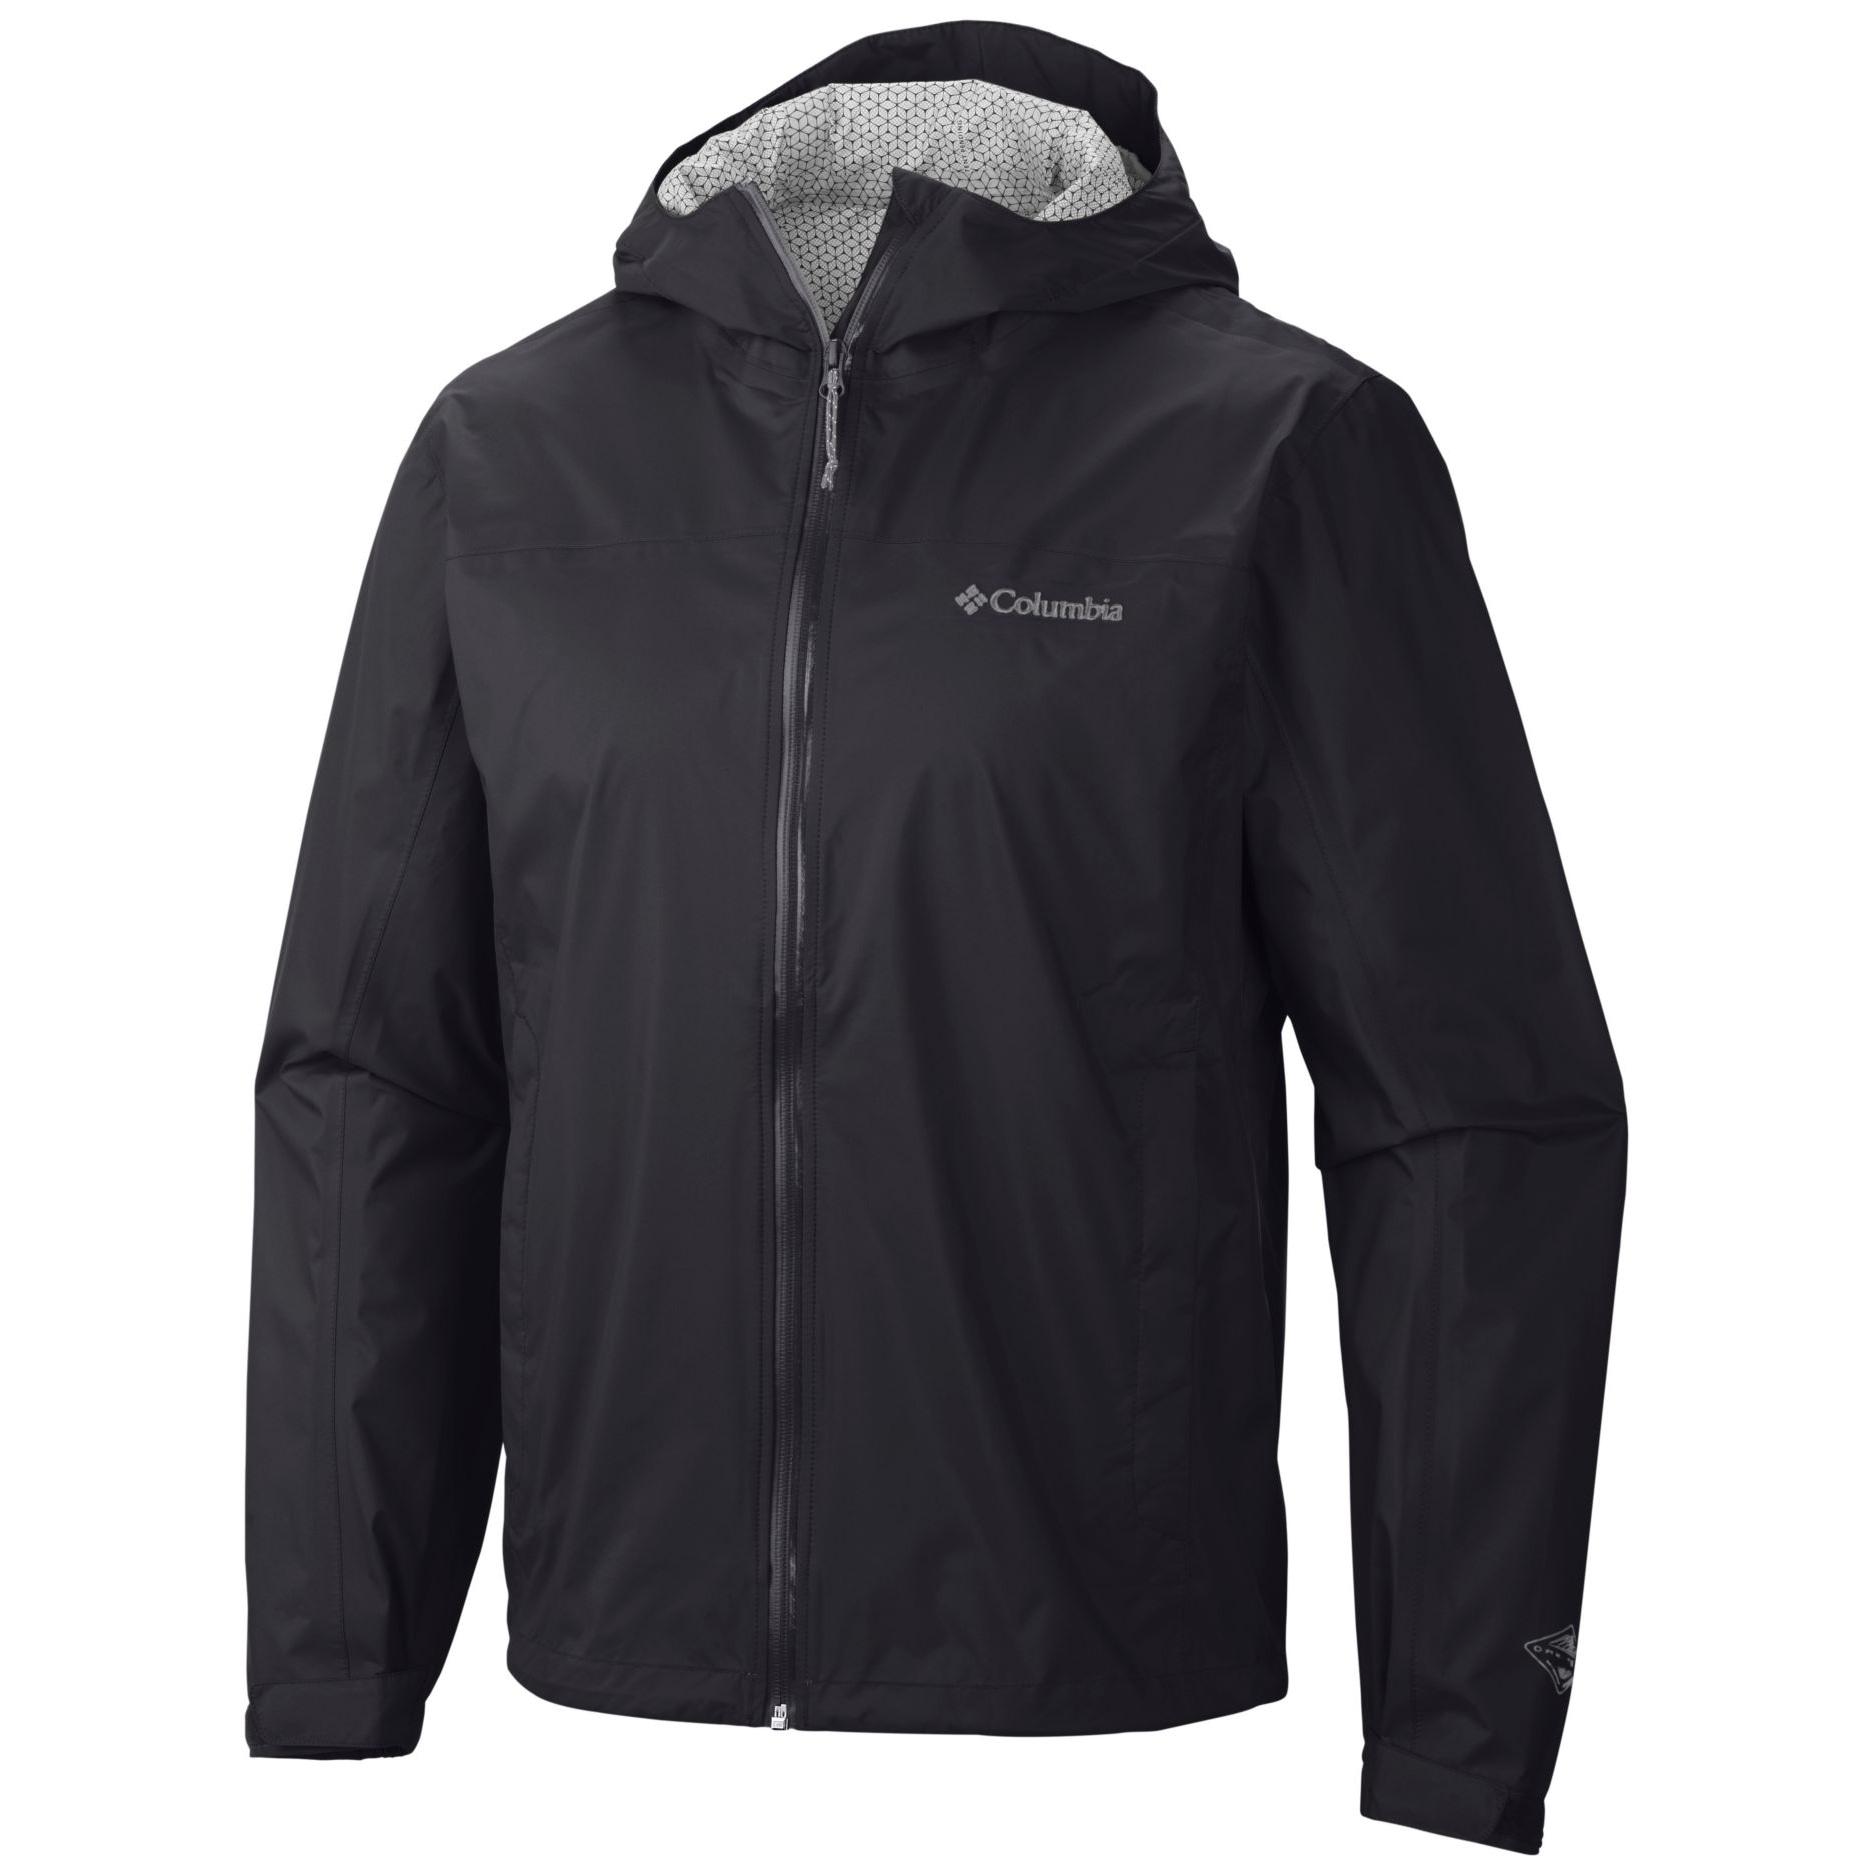 EvaPOURation Jacket Plus - Men's